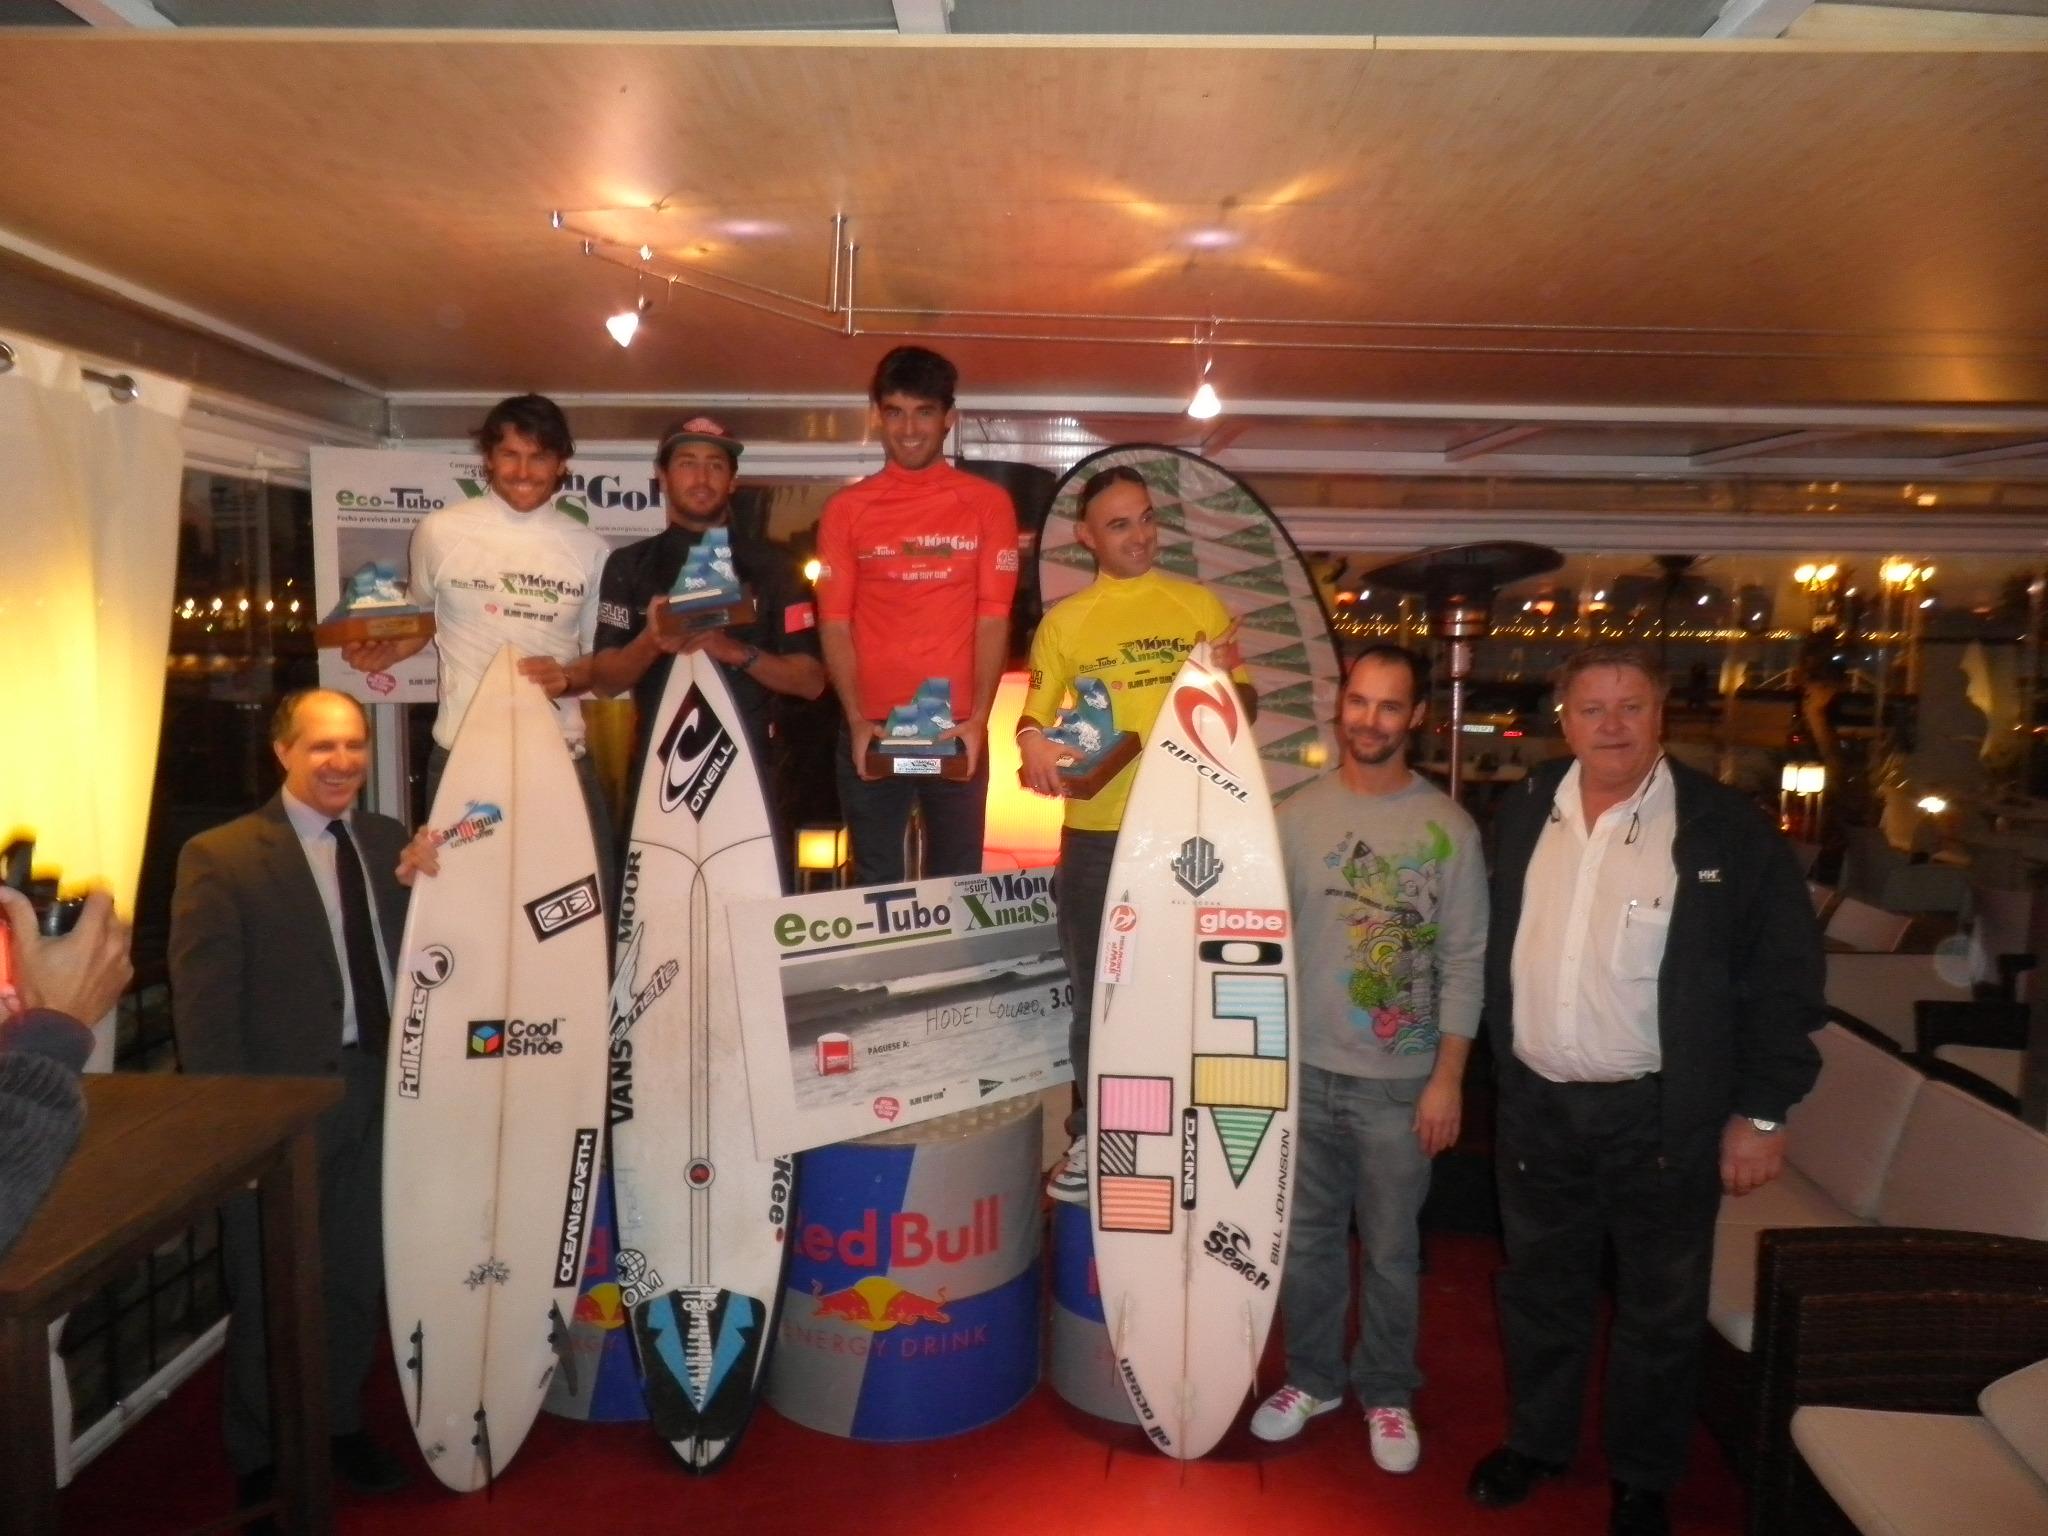 Podium final del campeonato de surf celebrado en Gijón